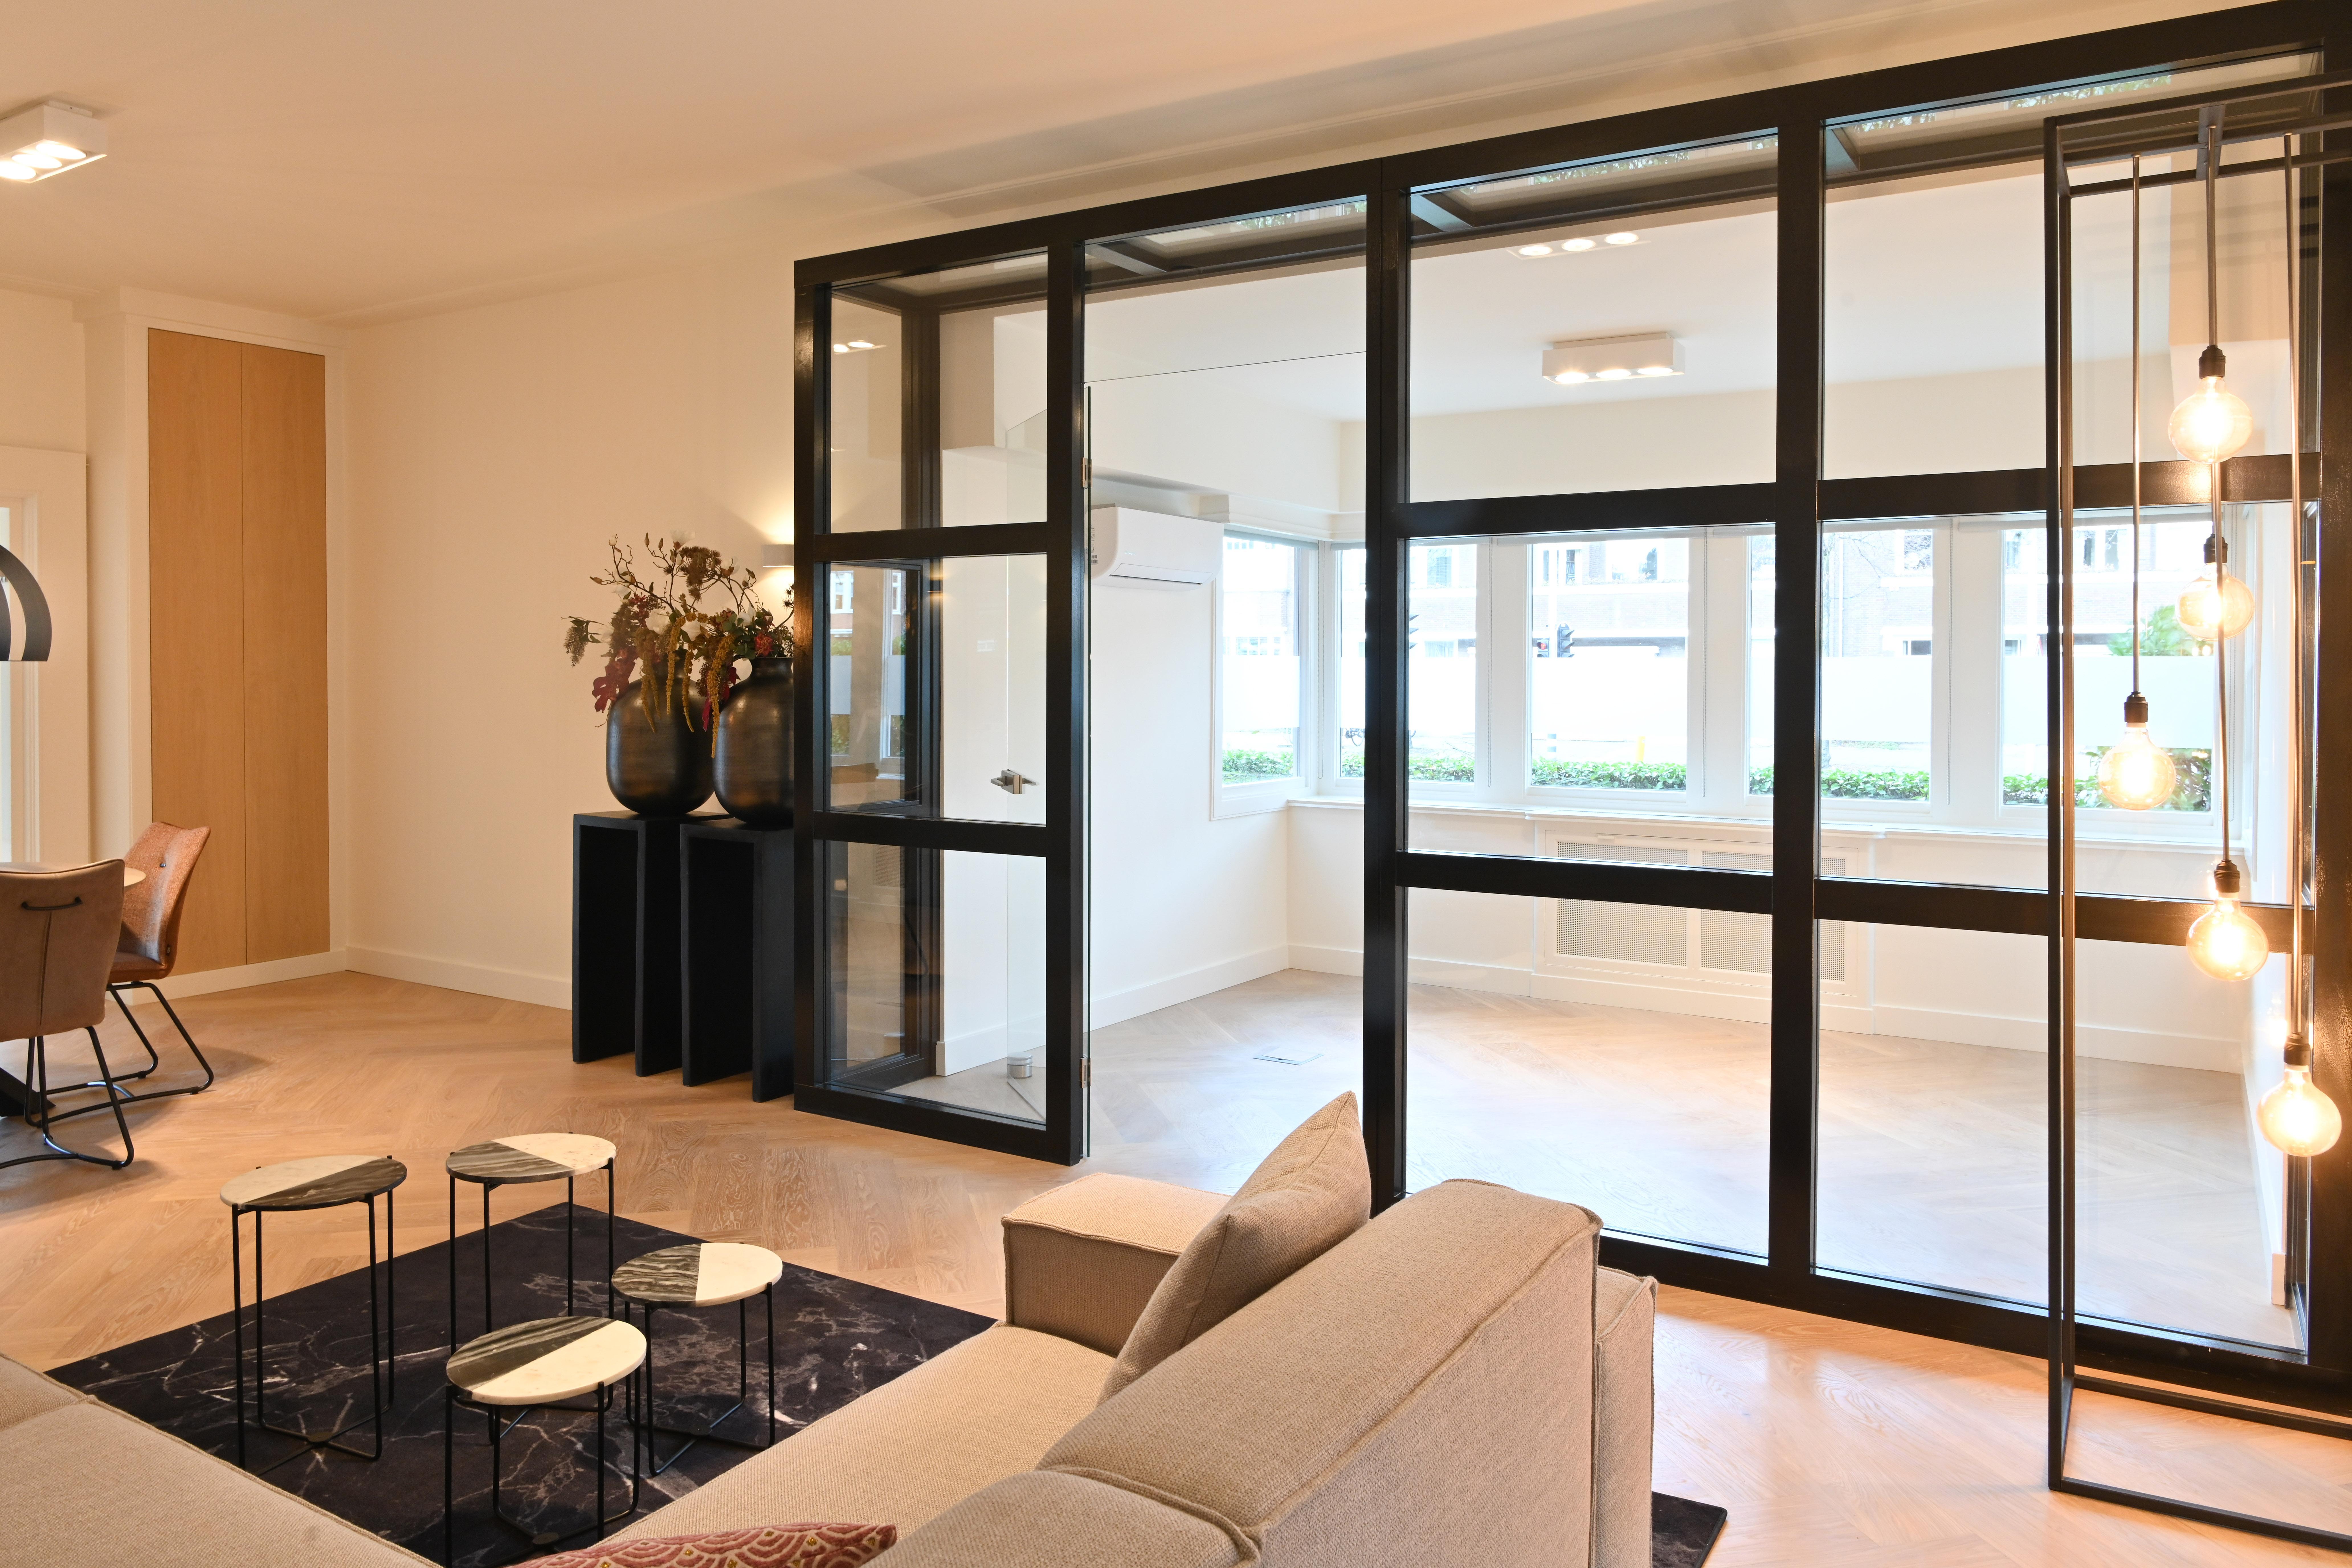 van-dijk-ten-cate-vastgoedadviseurs-amsterdam-diepenbrockstraat-54